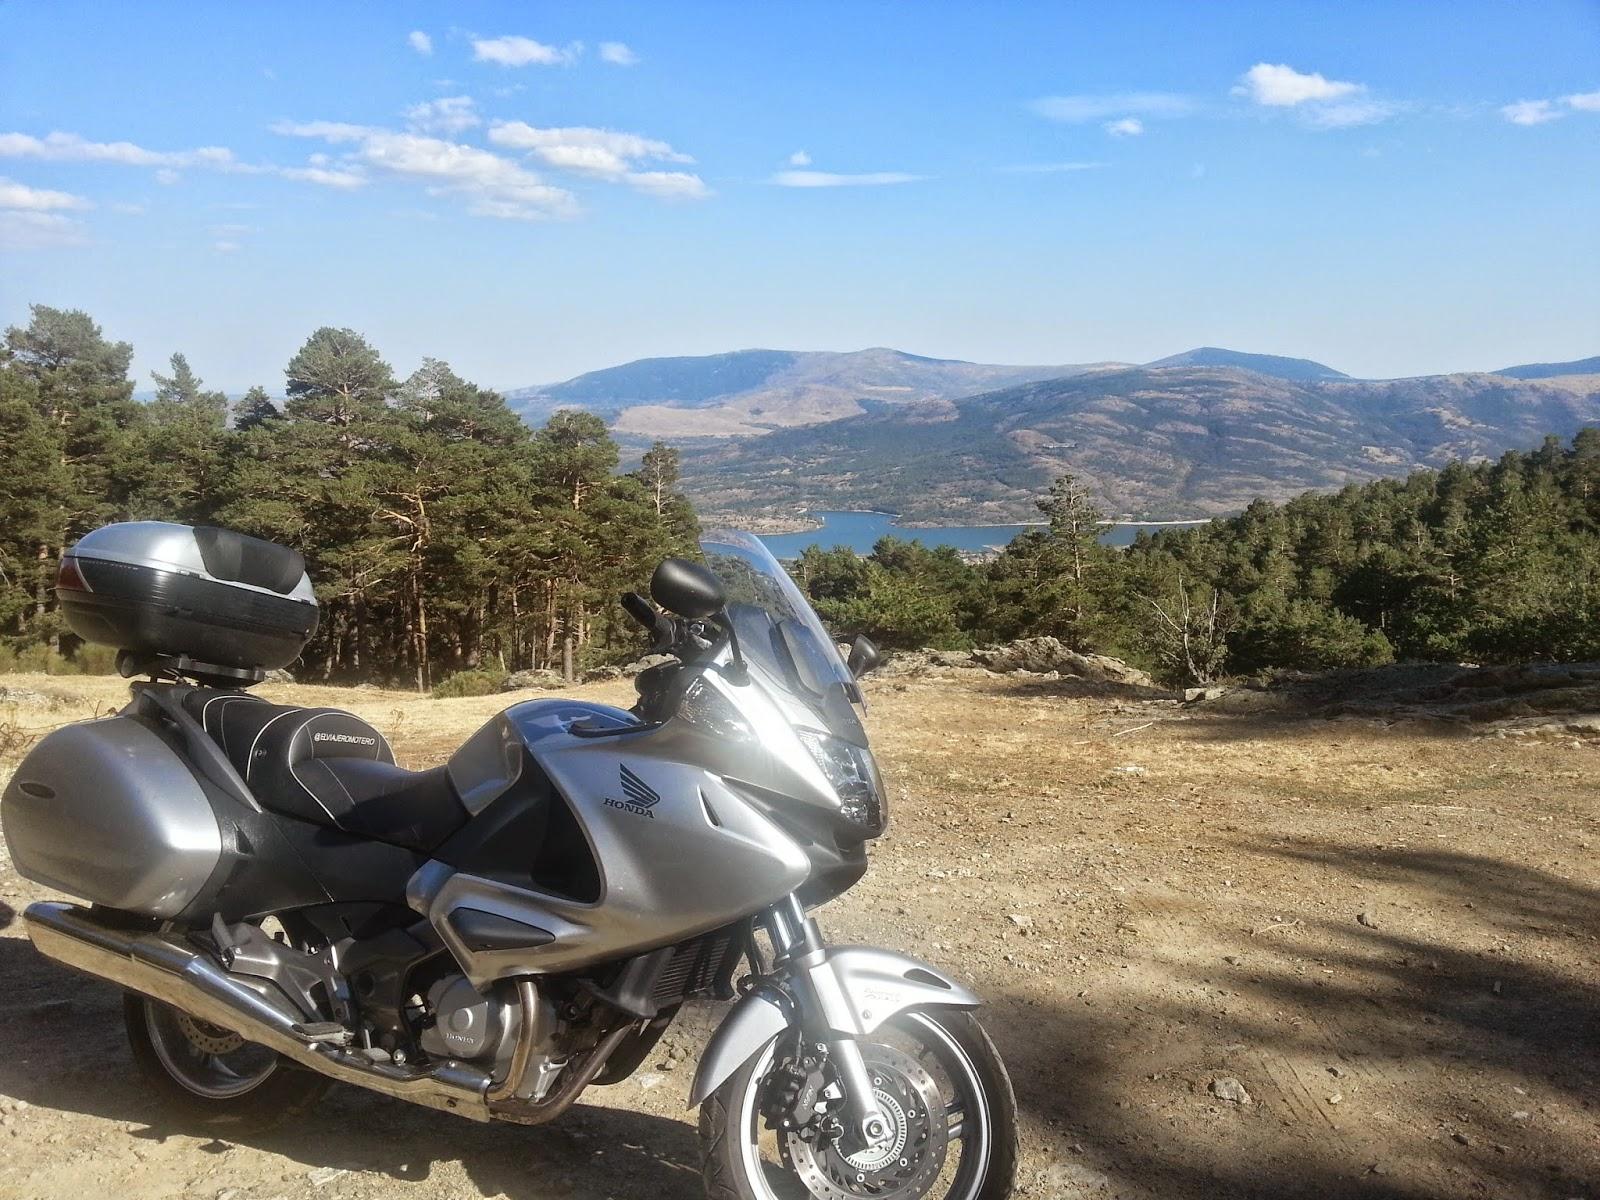 RUTA EN MOTO 260 Km, SIGUERO UN PUEBLO CON MUCHO ENCANTO